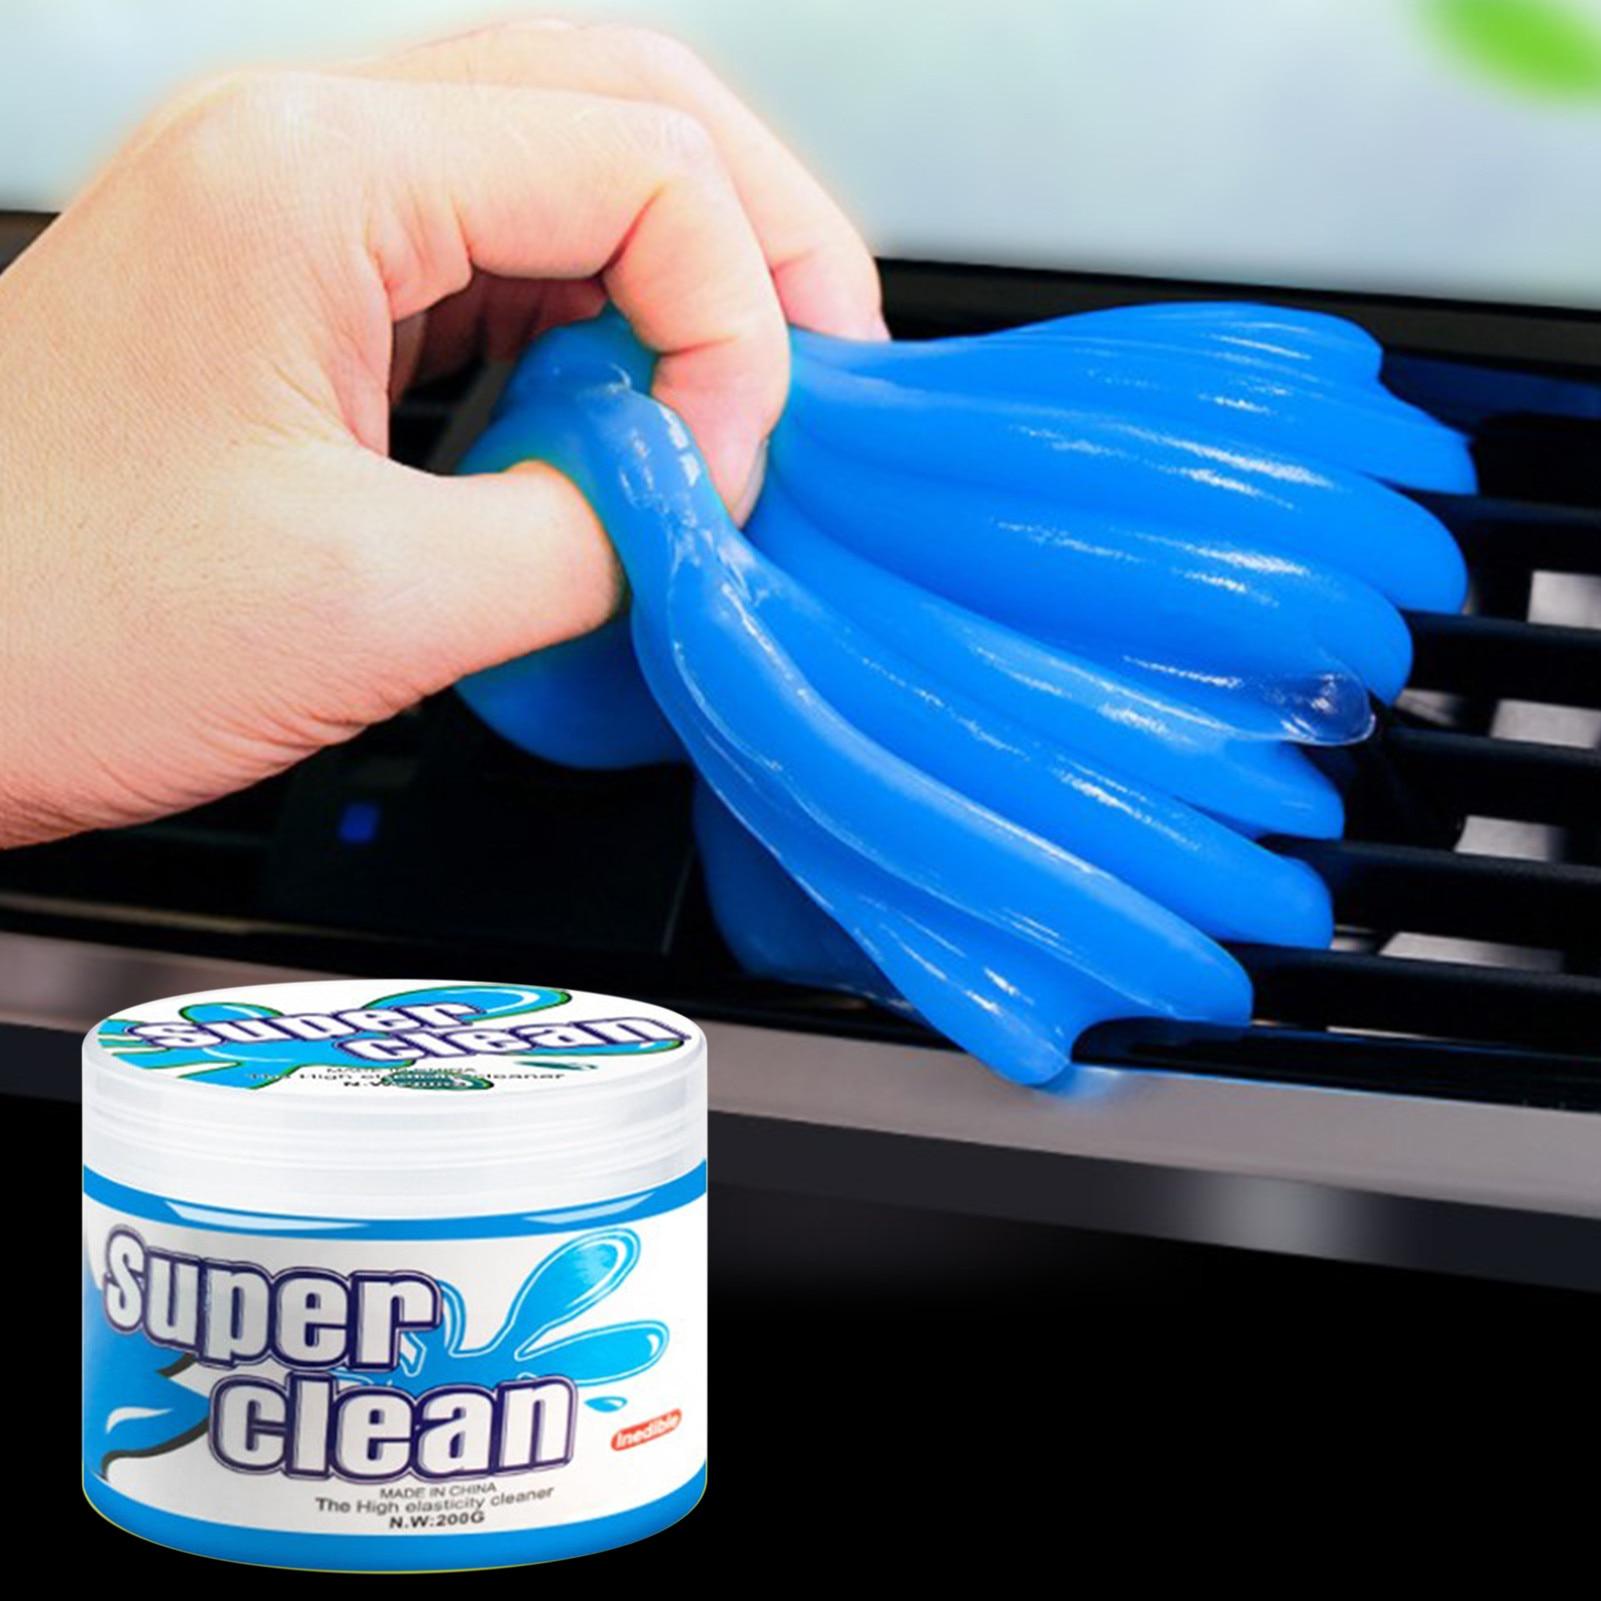 200 г, коврик для чистки автомобиля, порошковый клей, волшебный очиститель, средство для удаления пыли, гель для чистки домашней клавиатуры ко...